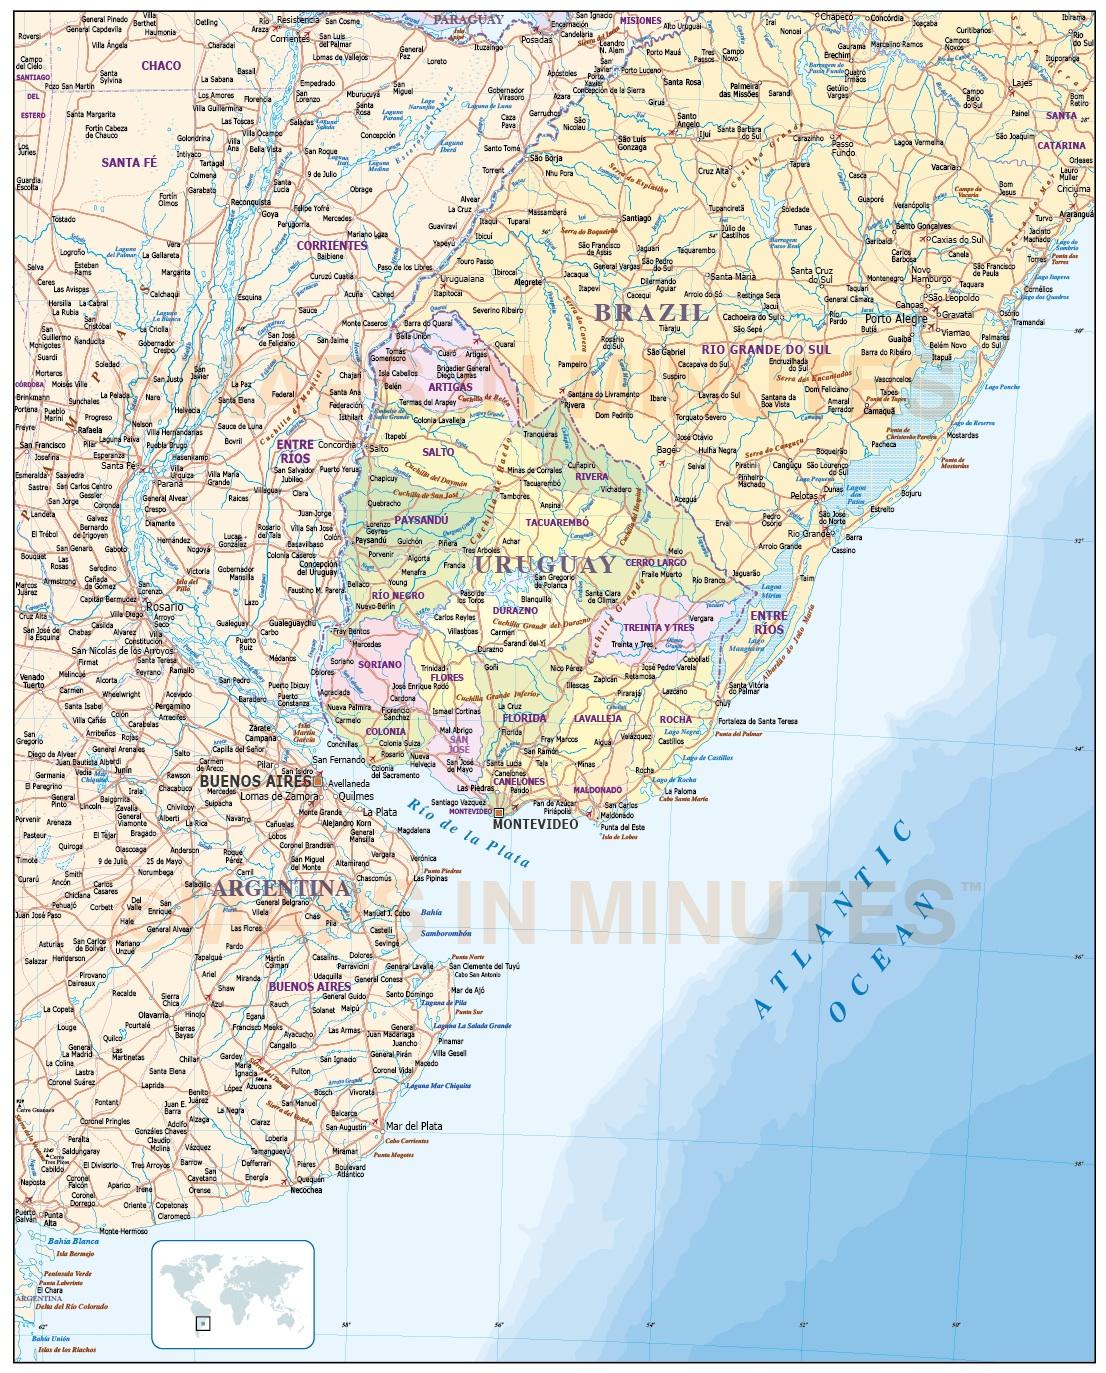 Uruguay Digital Vector Political Road Rail Map In Illustrator - Uruguay map atlas